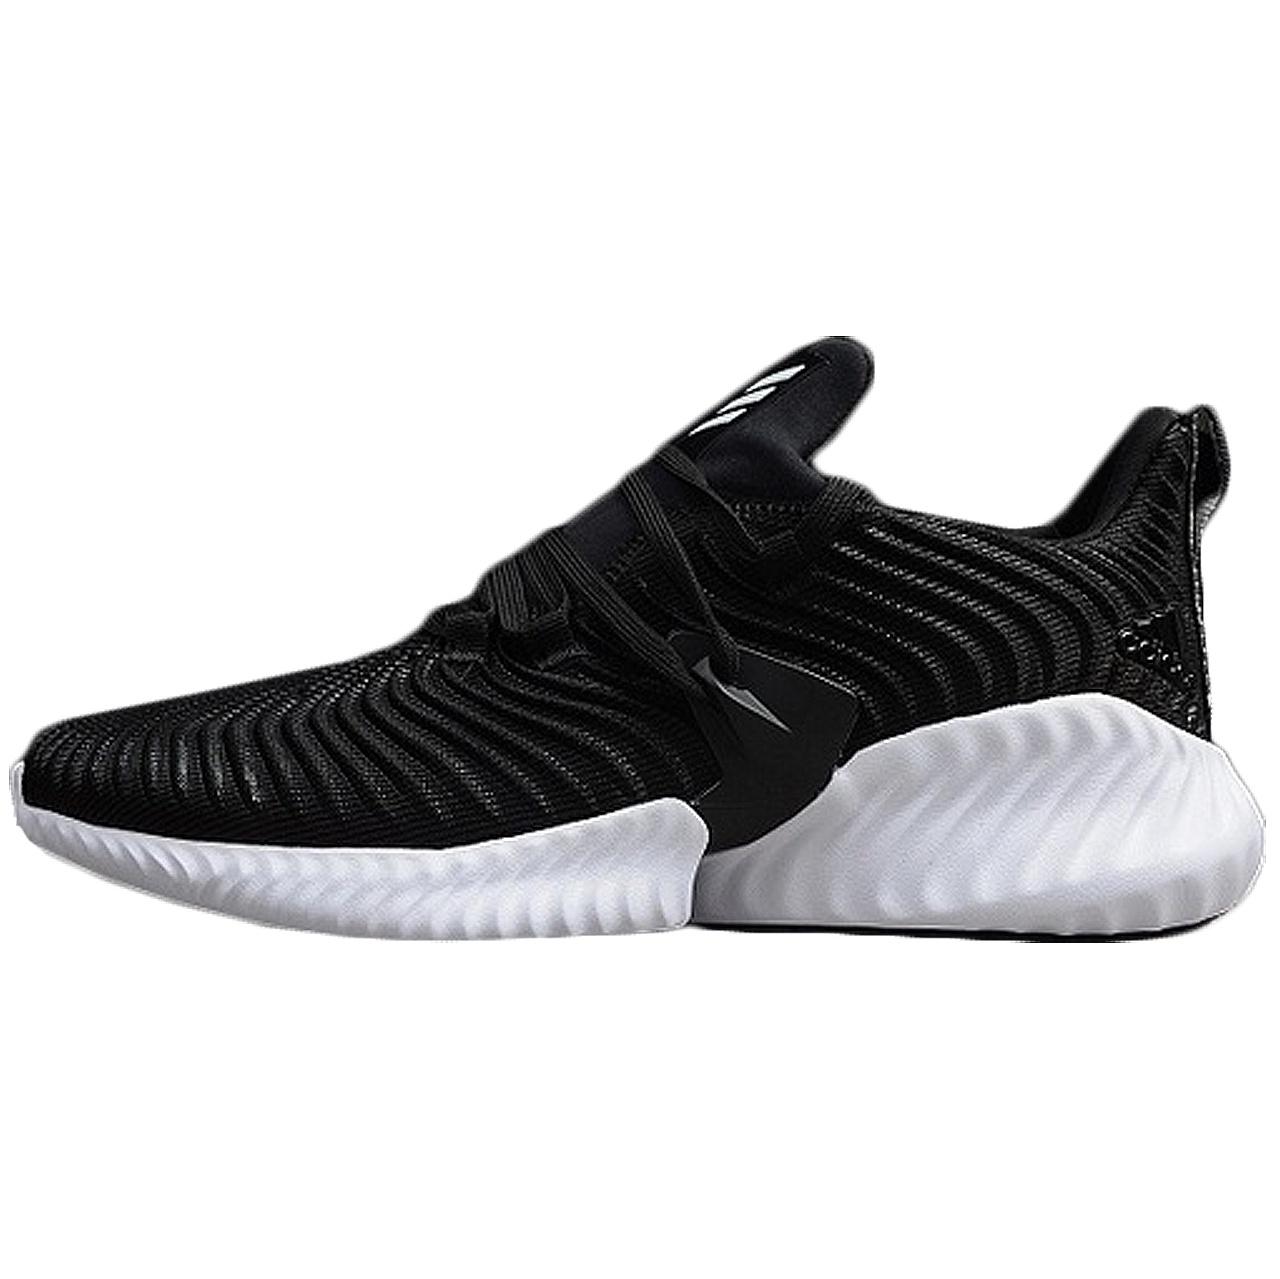 کفش مخصوص دویدن زنانه آدیداس مدل   AlphaBounce Instinct کد 980125